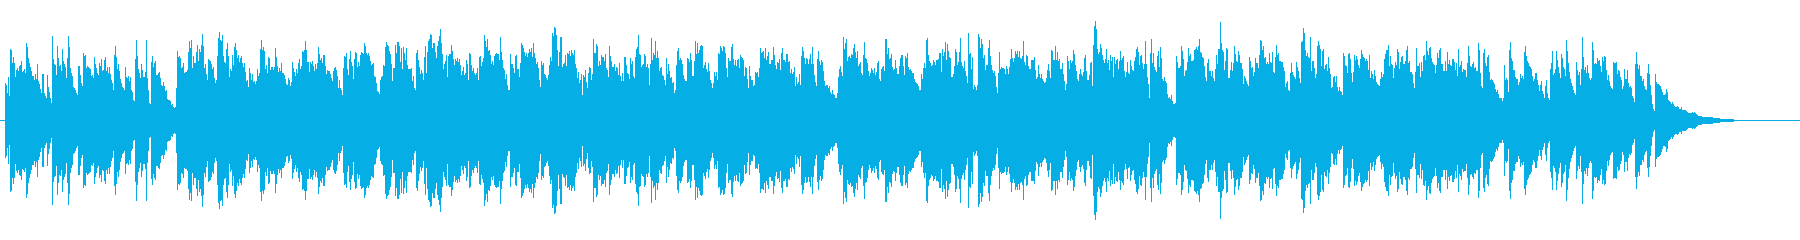 温かく優しく、少し切ない生演奏ヴィオラの再生済みの波形